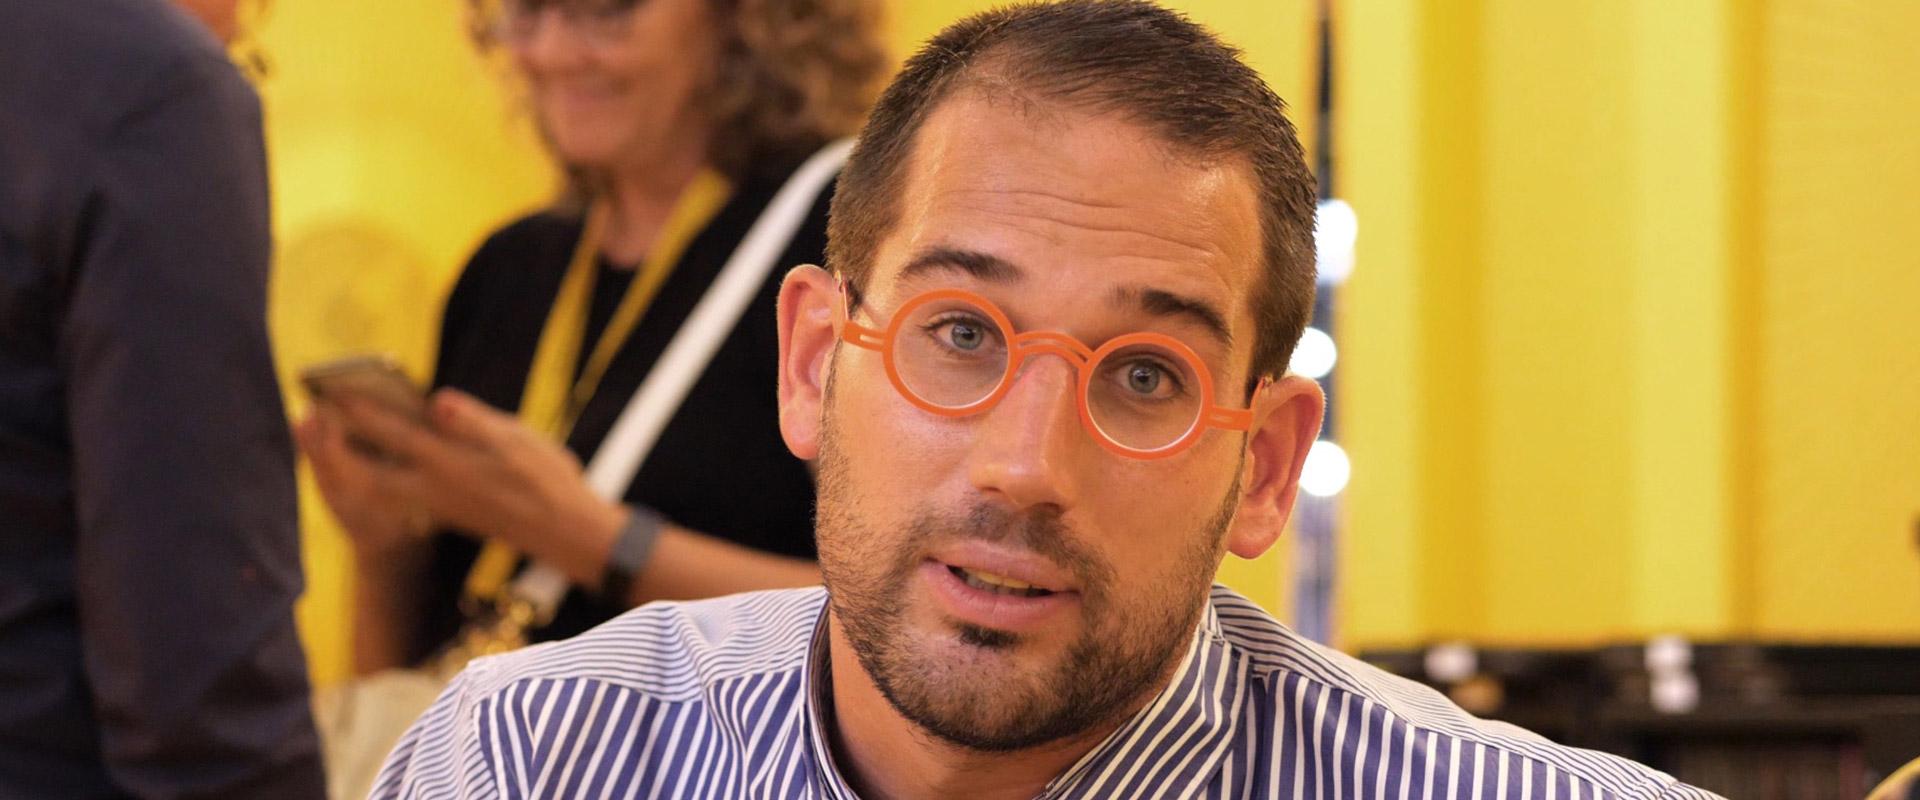 Interview vidéos dans le cadre du SILMO Paris.